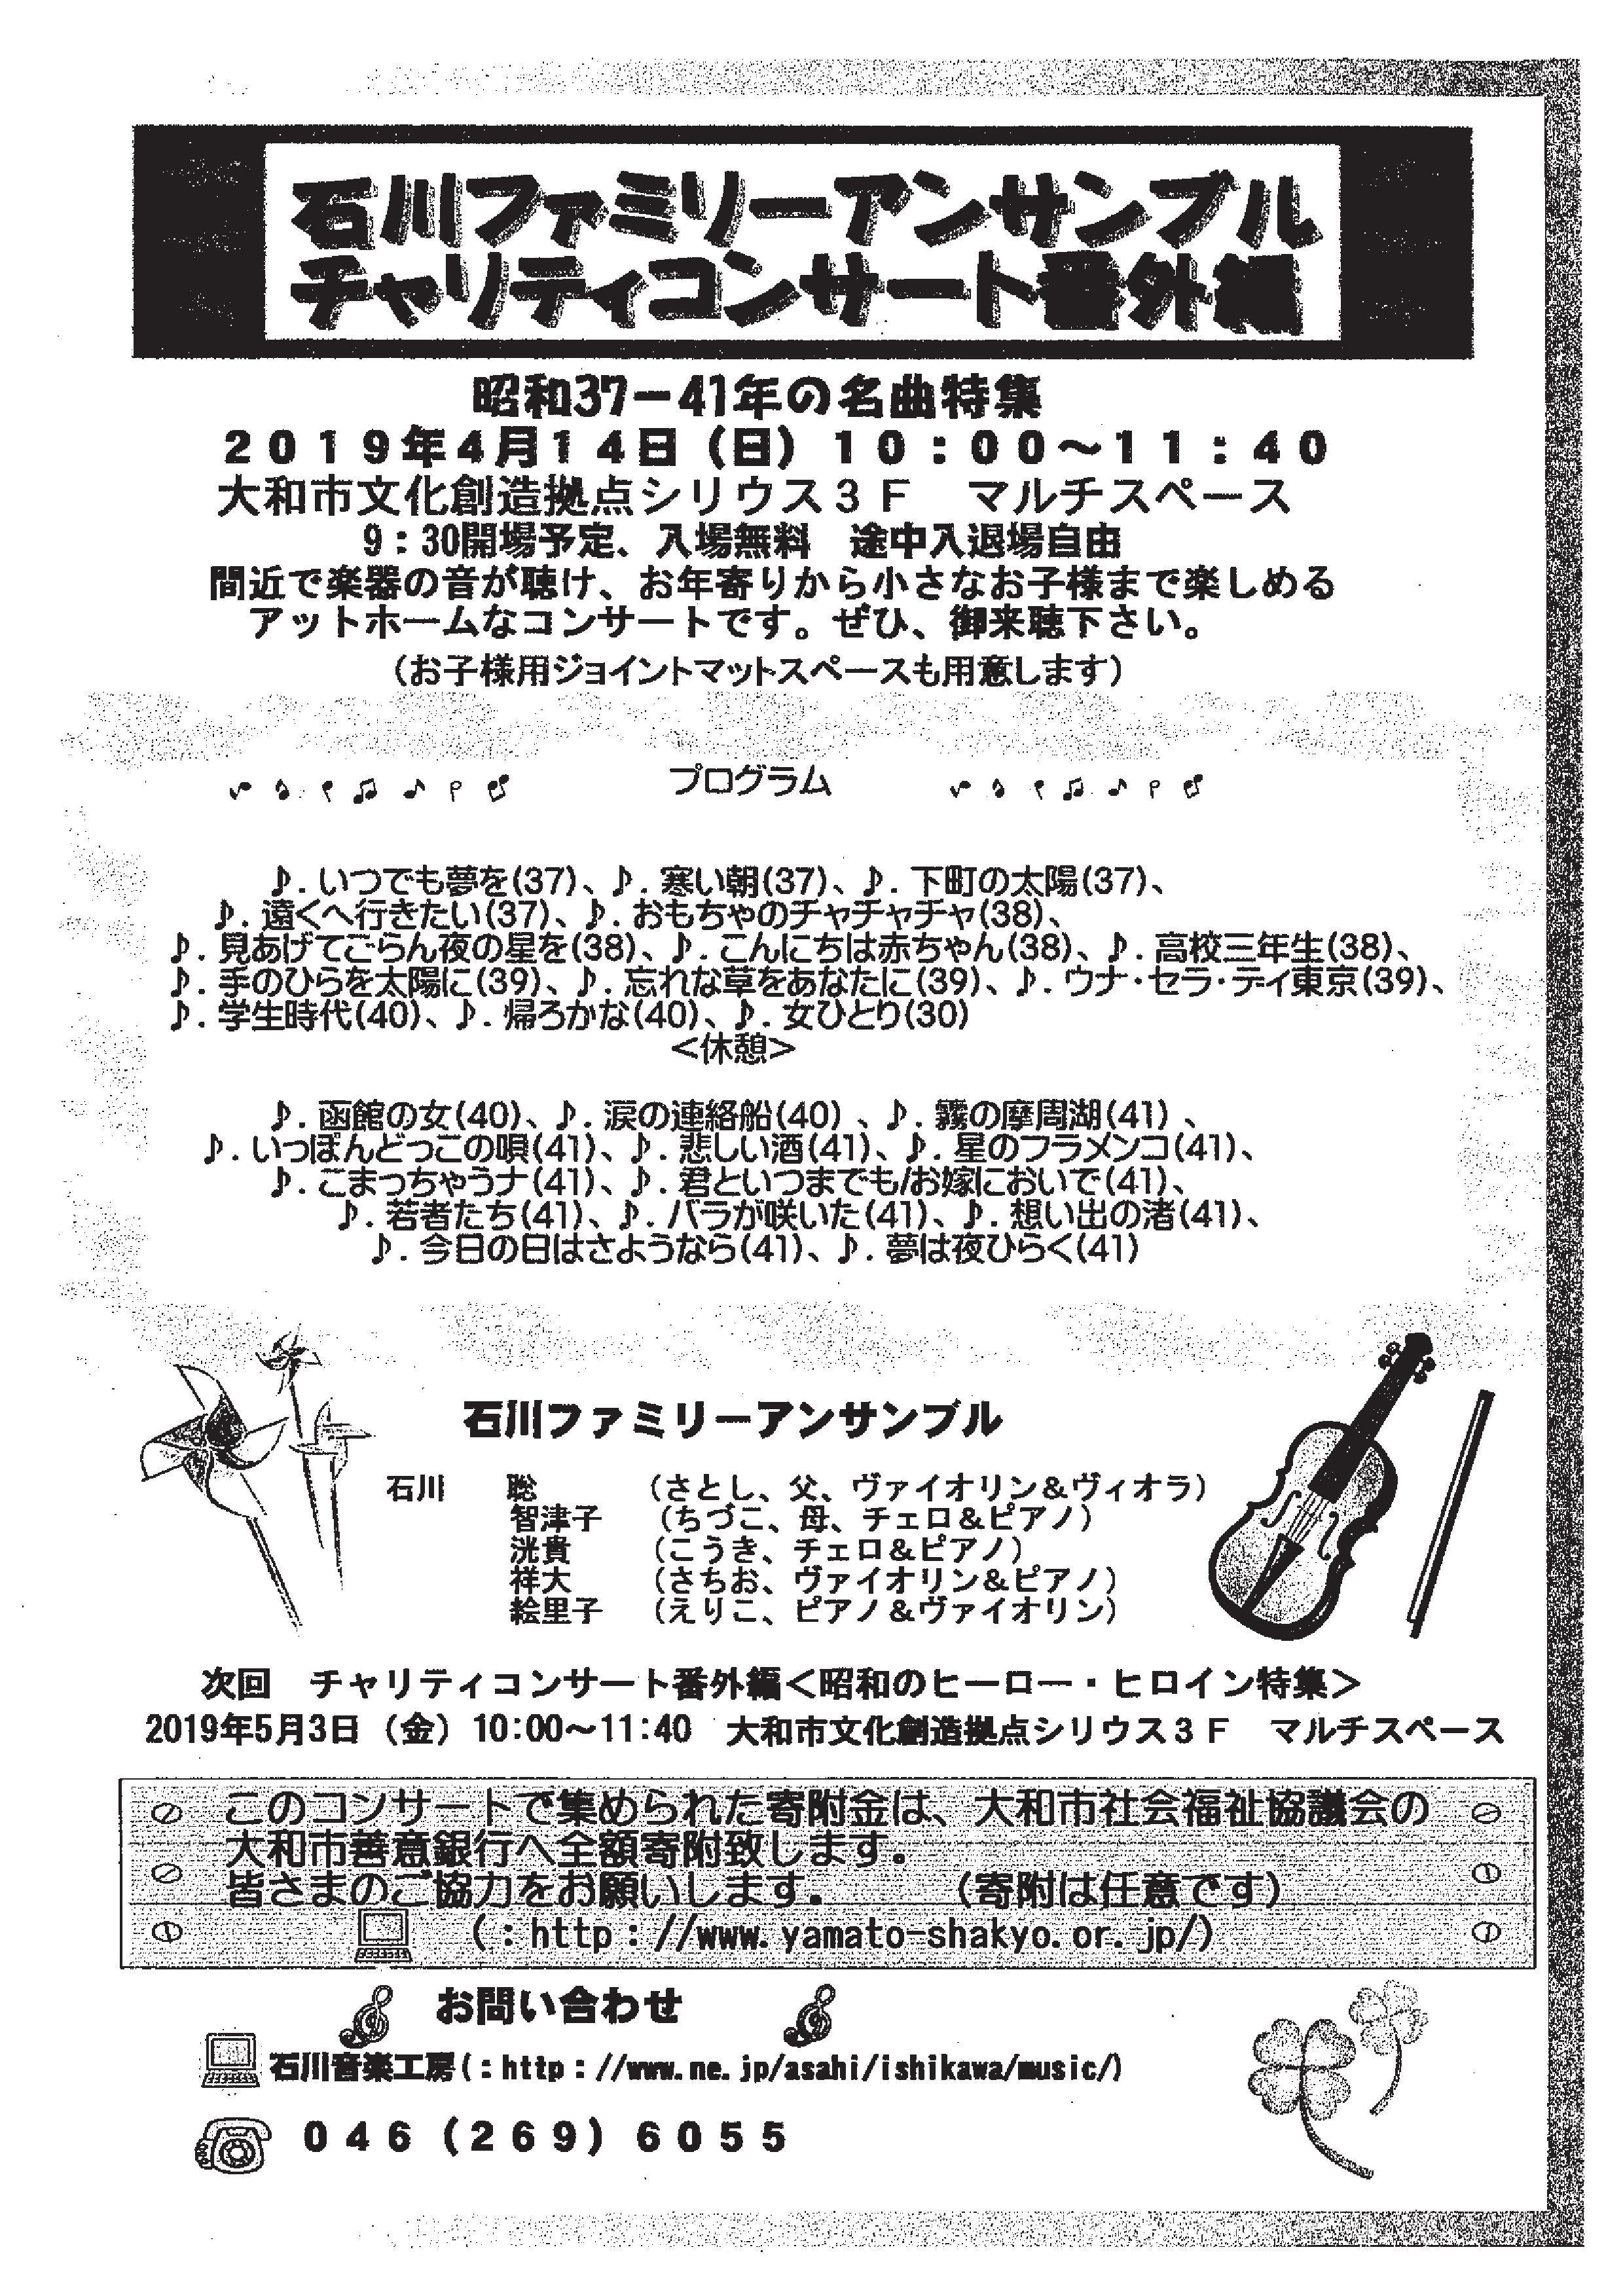 石川ファミリーアンサンブル チャリティコンサート番外編<昭和37-41年の名曲特集>